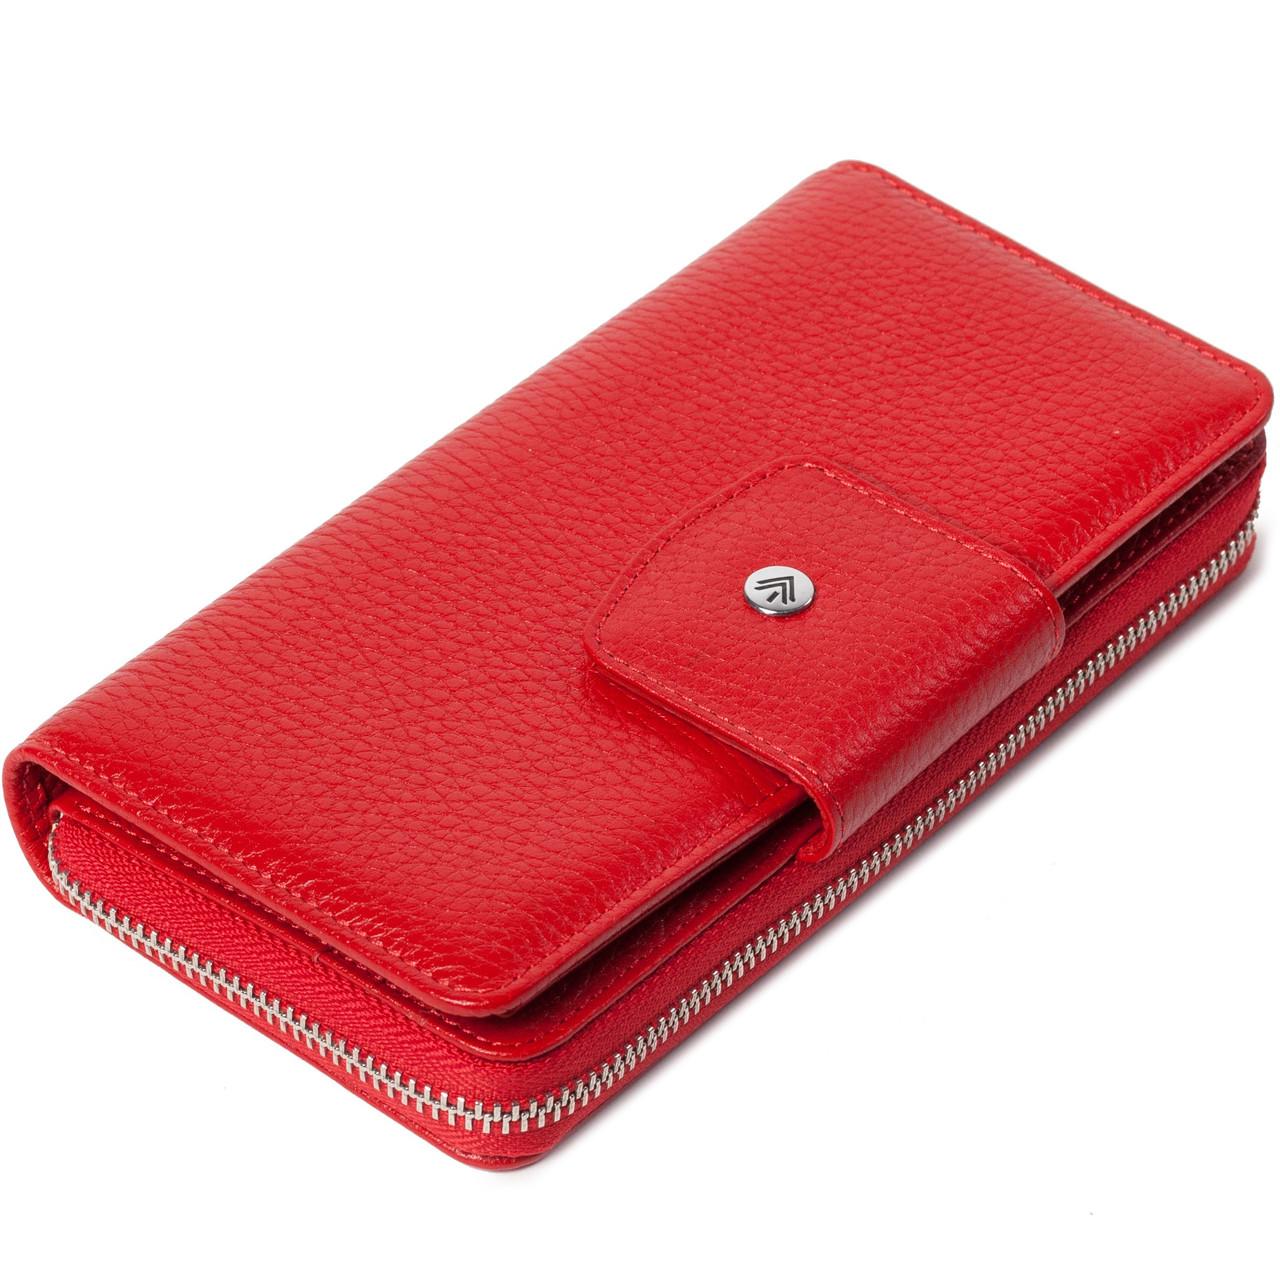 Женский кошелек кожаный красный Eminsa 2149-12-5